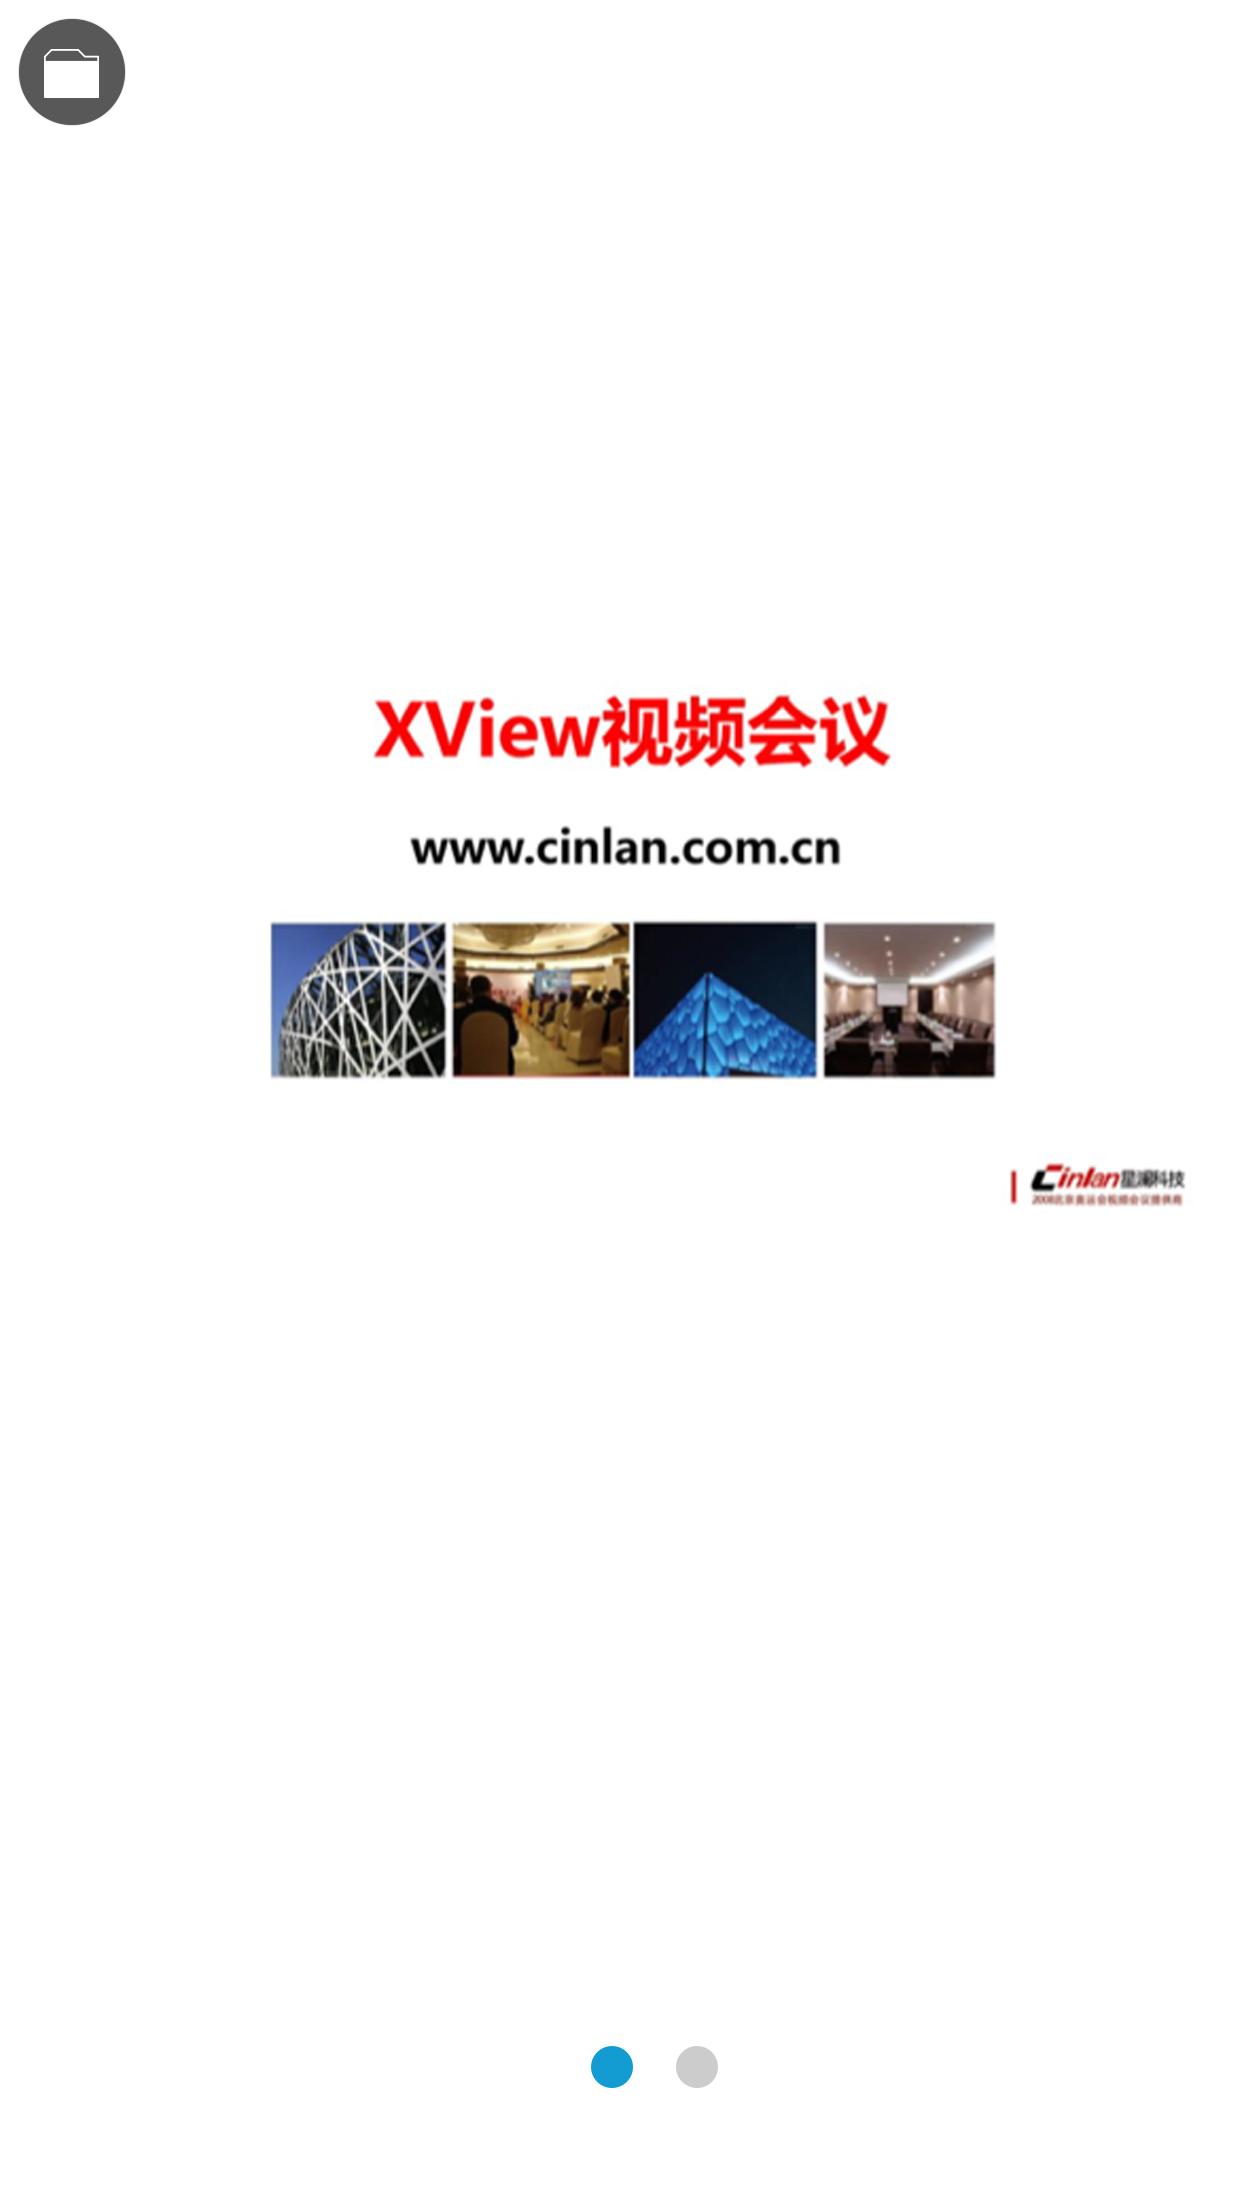 XView视频会议软件截图4